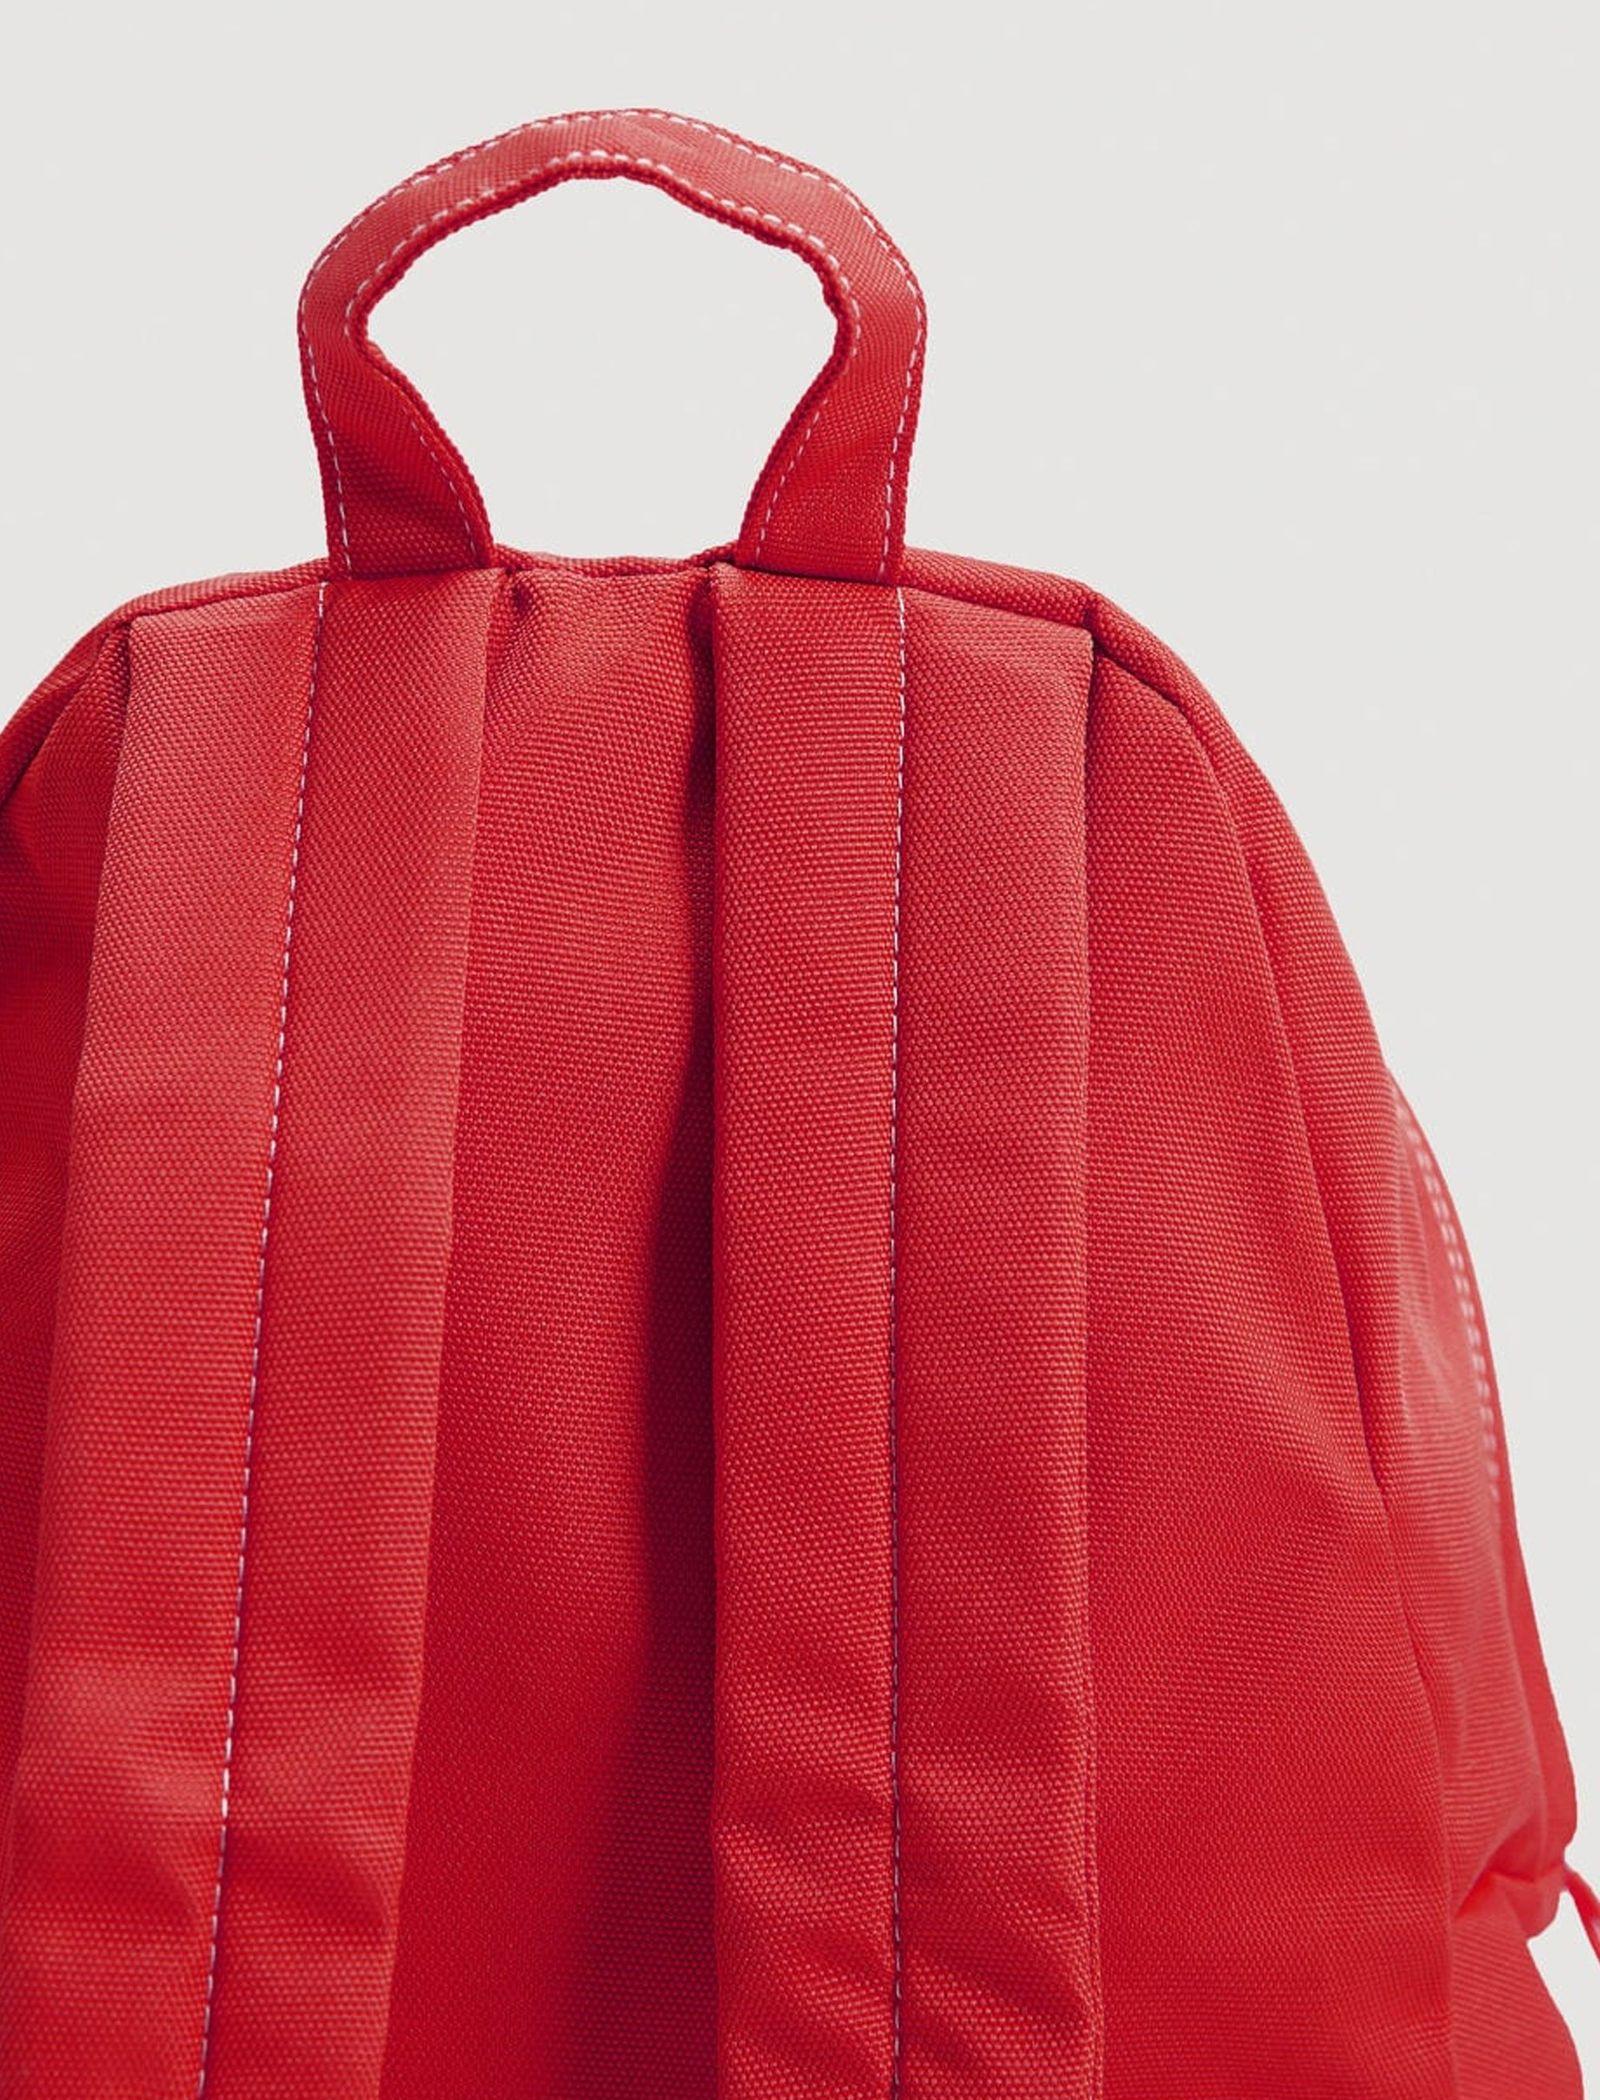 کوله پشتی روزمره مردانه - مانگو تک سایز - قرمز - 4